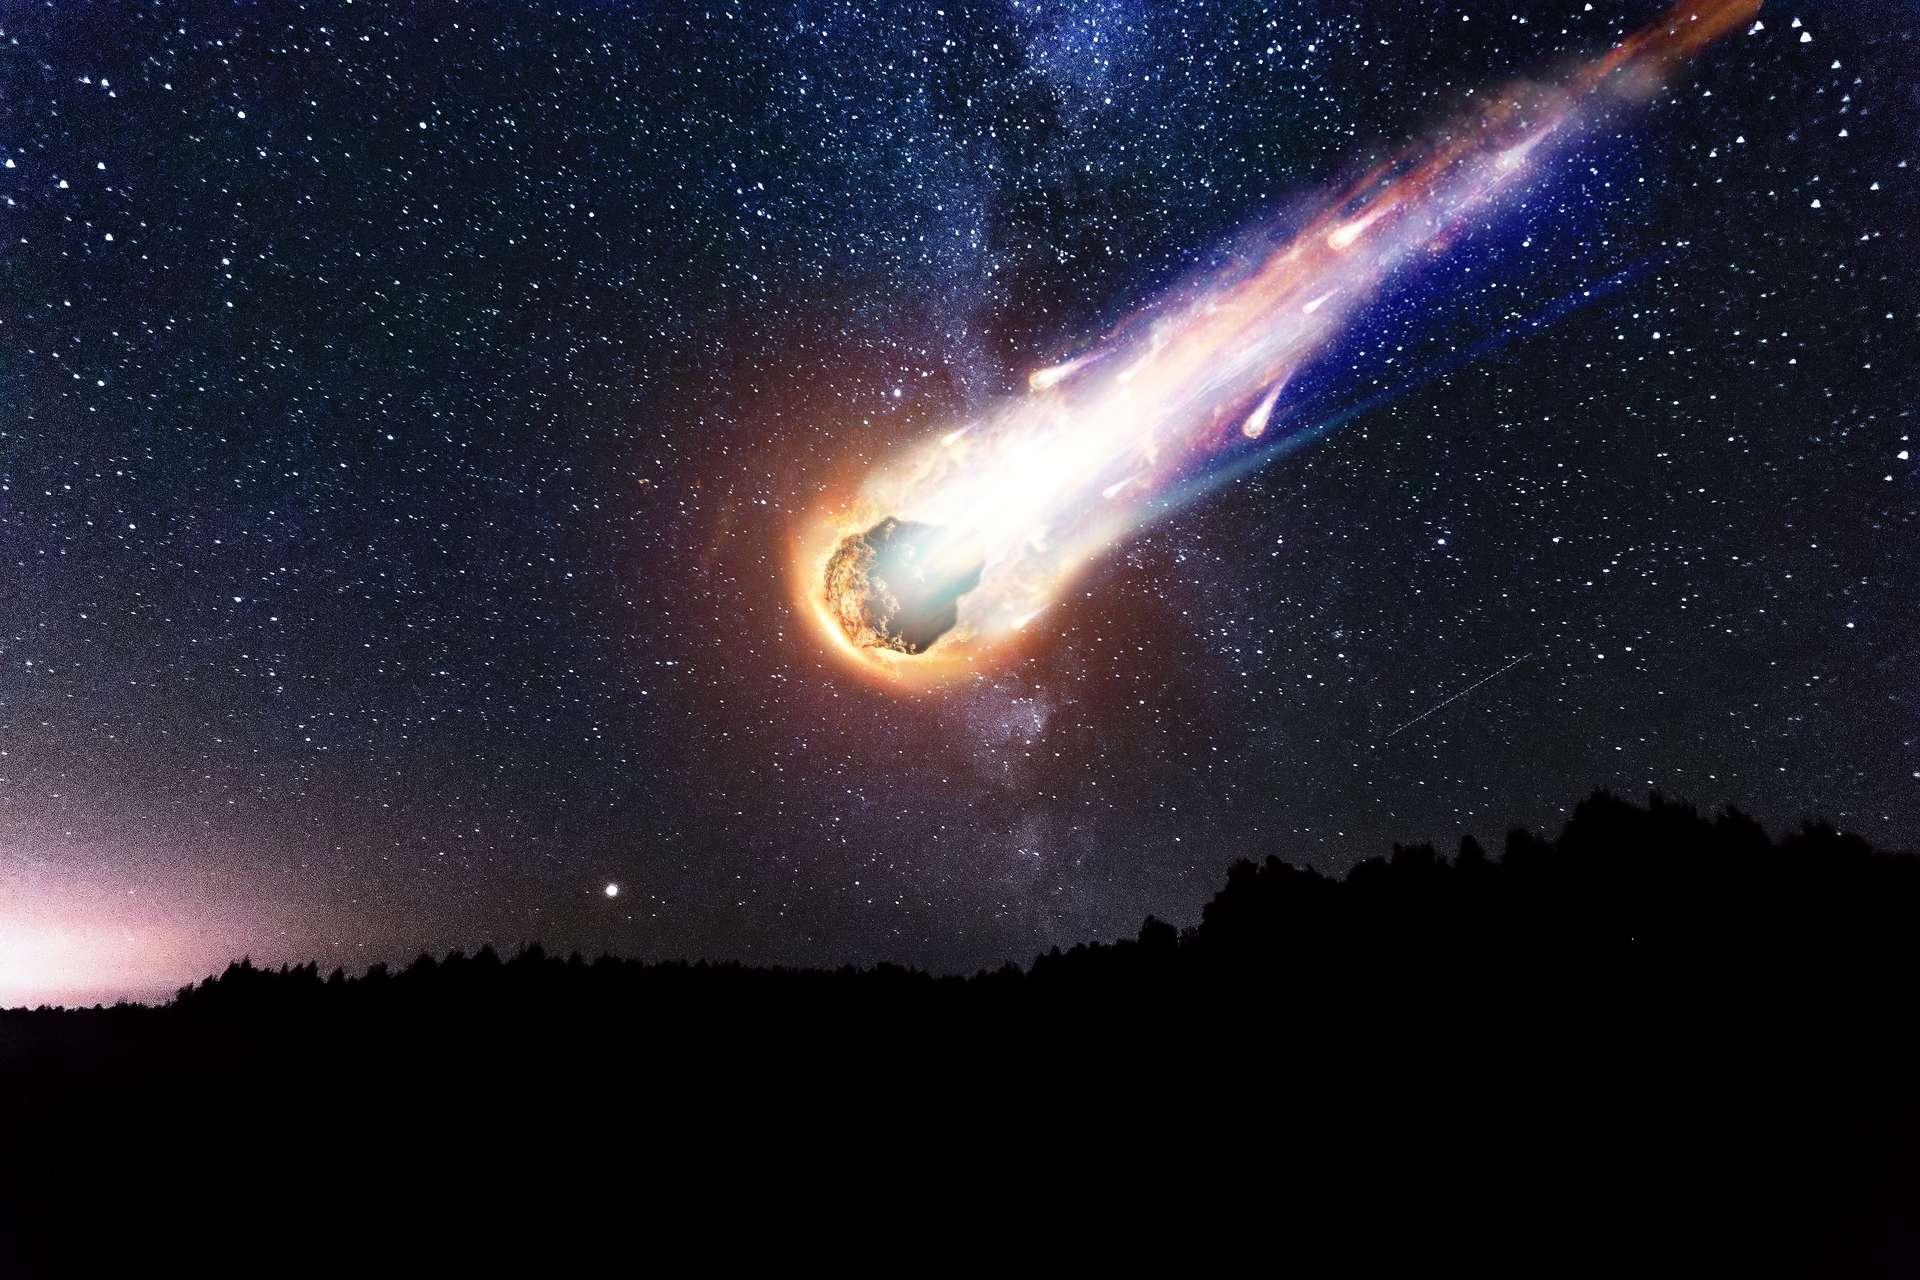 On estime à 10.000 tonnes la masse de micrométéorites et météorites tombant sur Terre par an. © Aliaksandr Marko, Adobe Stock